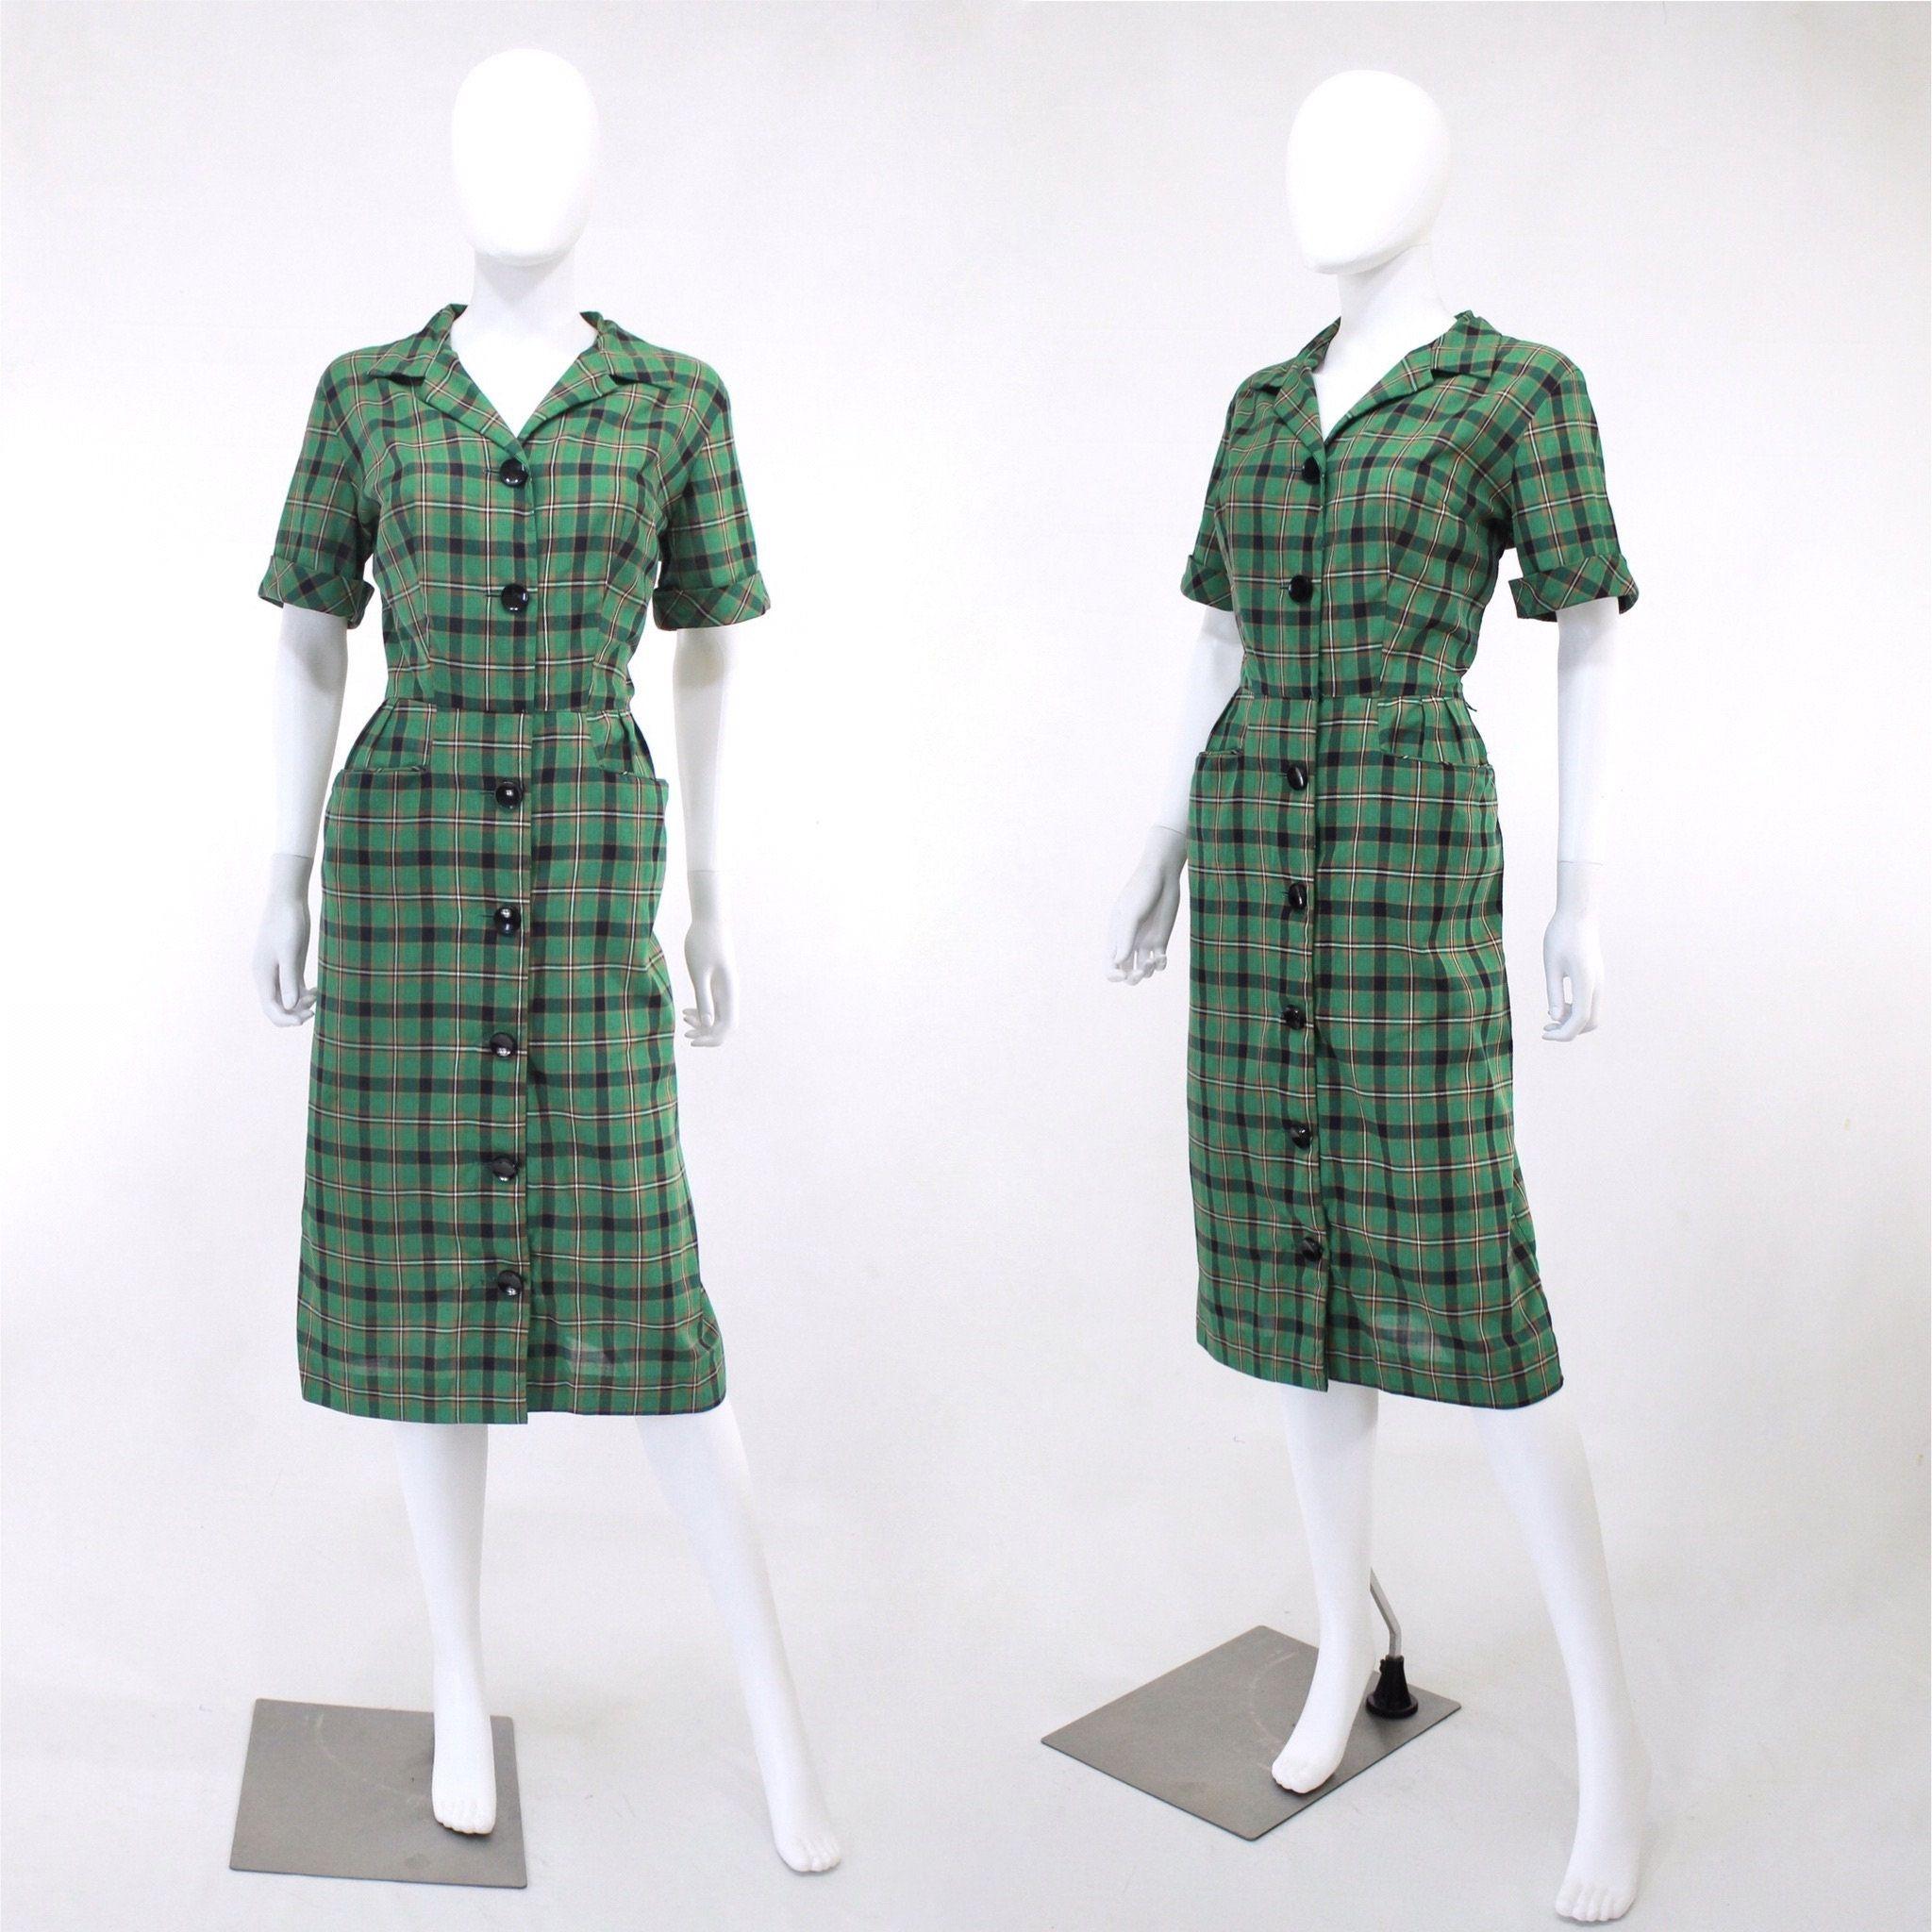 1950s Green Plaid Wiggle Dress 1950s Plaid Dress Vintage Etsy Plaid Dress Vintage Plaid Dress Vintage Dresses [ 2048 x 2048 Pixel ]